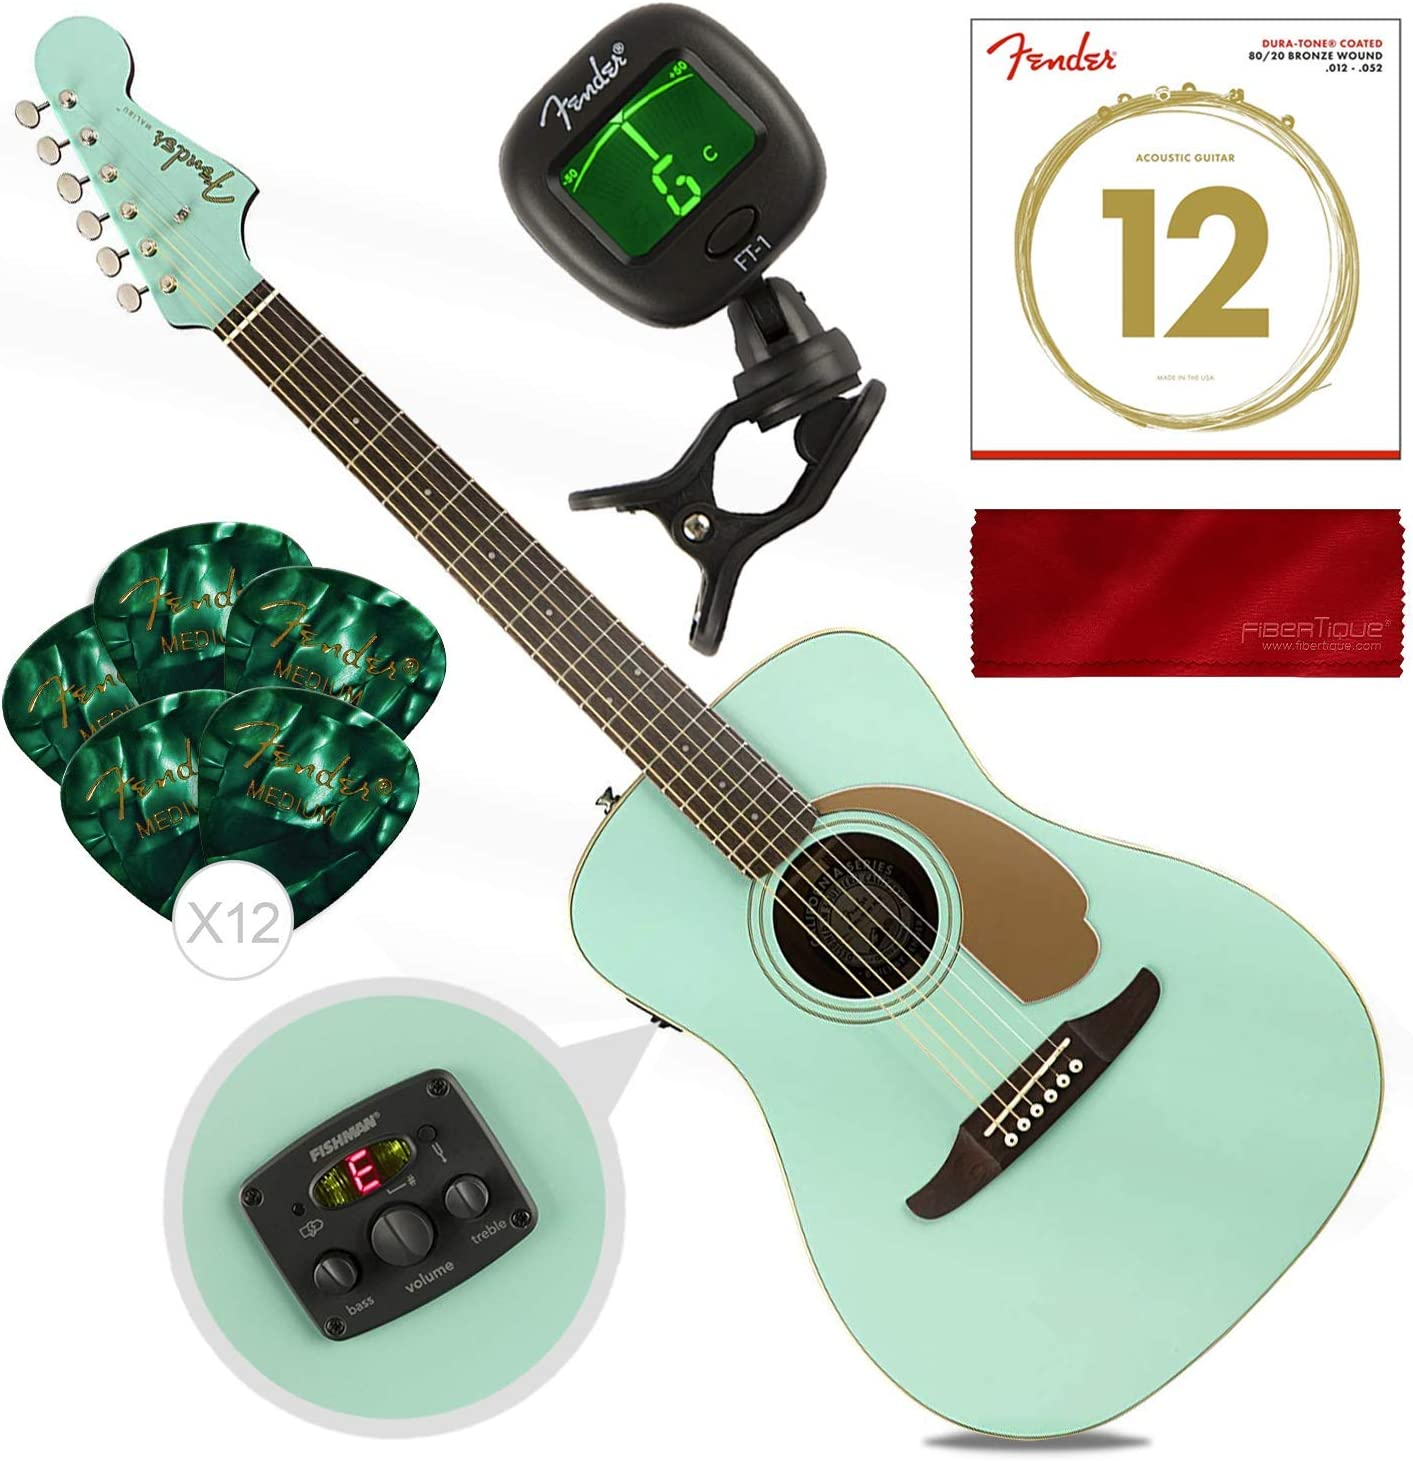 Fender Malibu Player California Series Guitarra acústica, Aqua Splash con cuerdas de guitarra, púas, afinador y paquete de accesorios de tela: Amazon.es: Instrumentos musicales